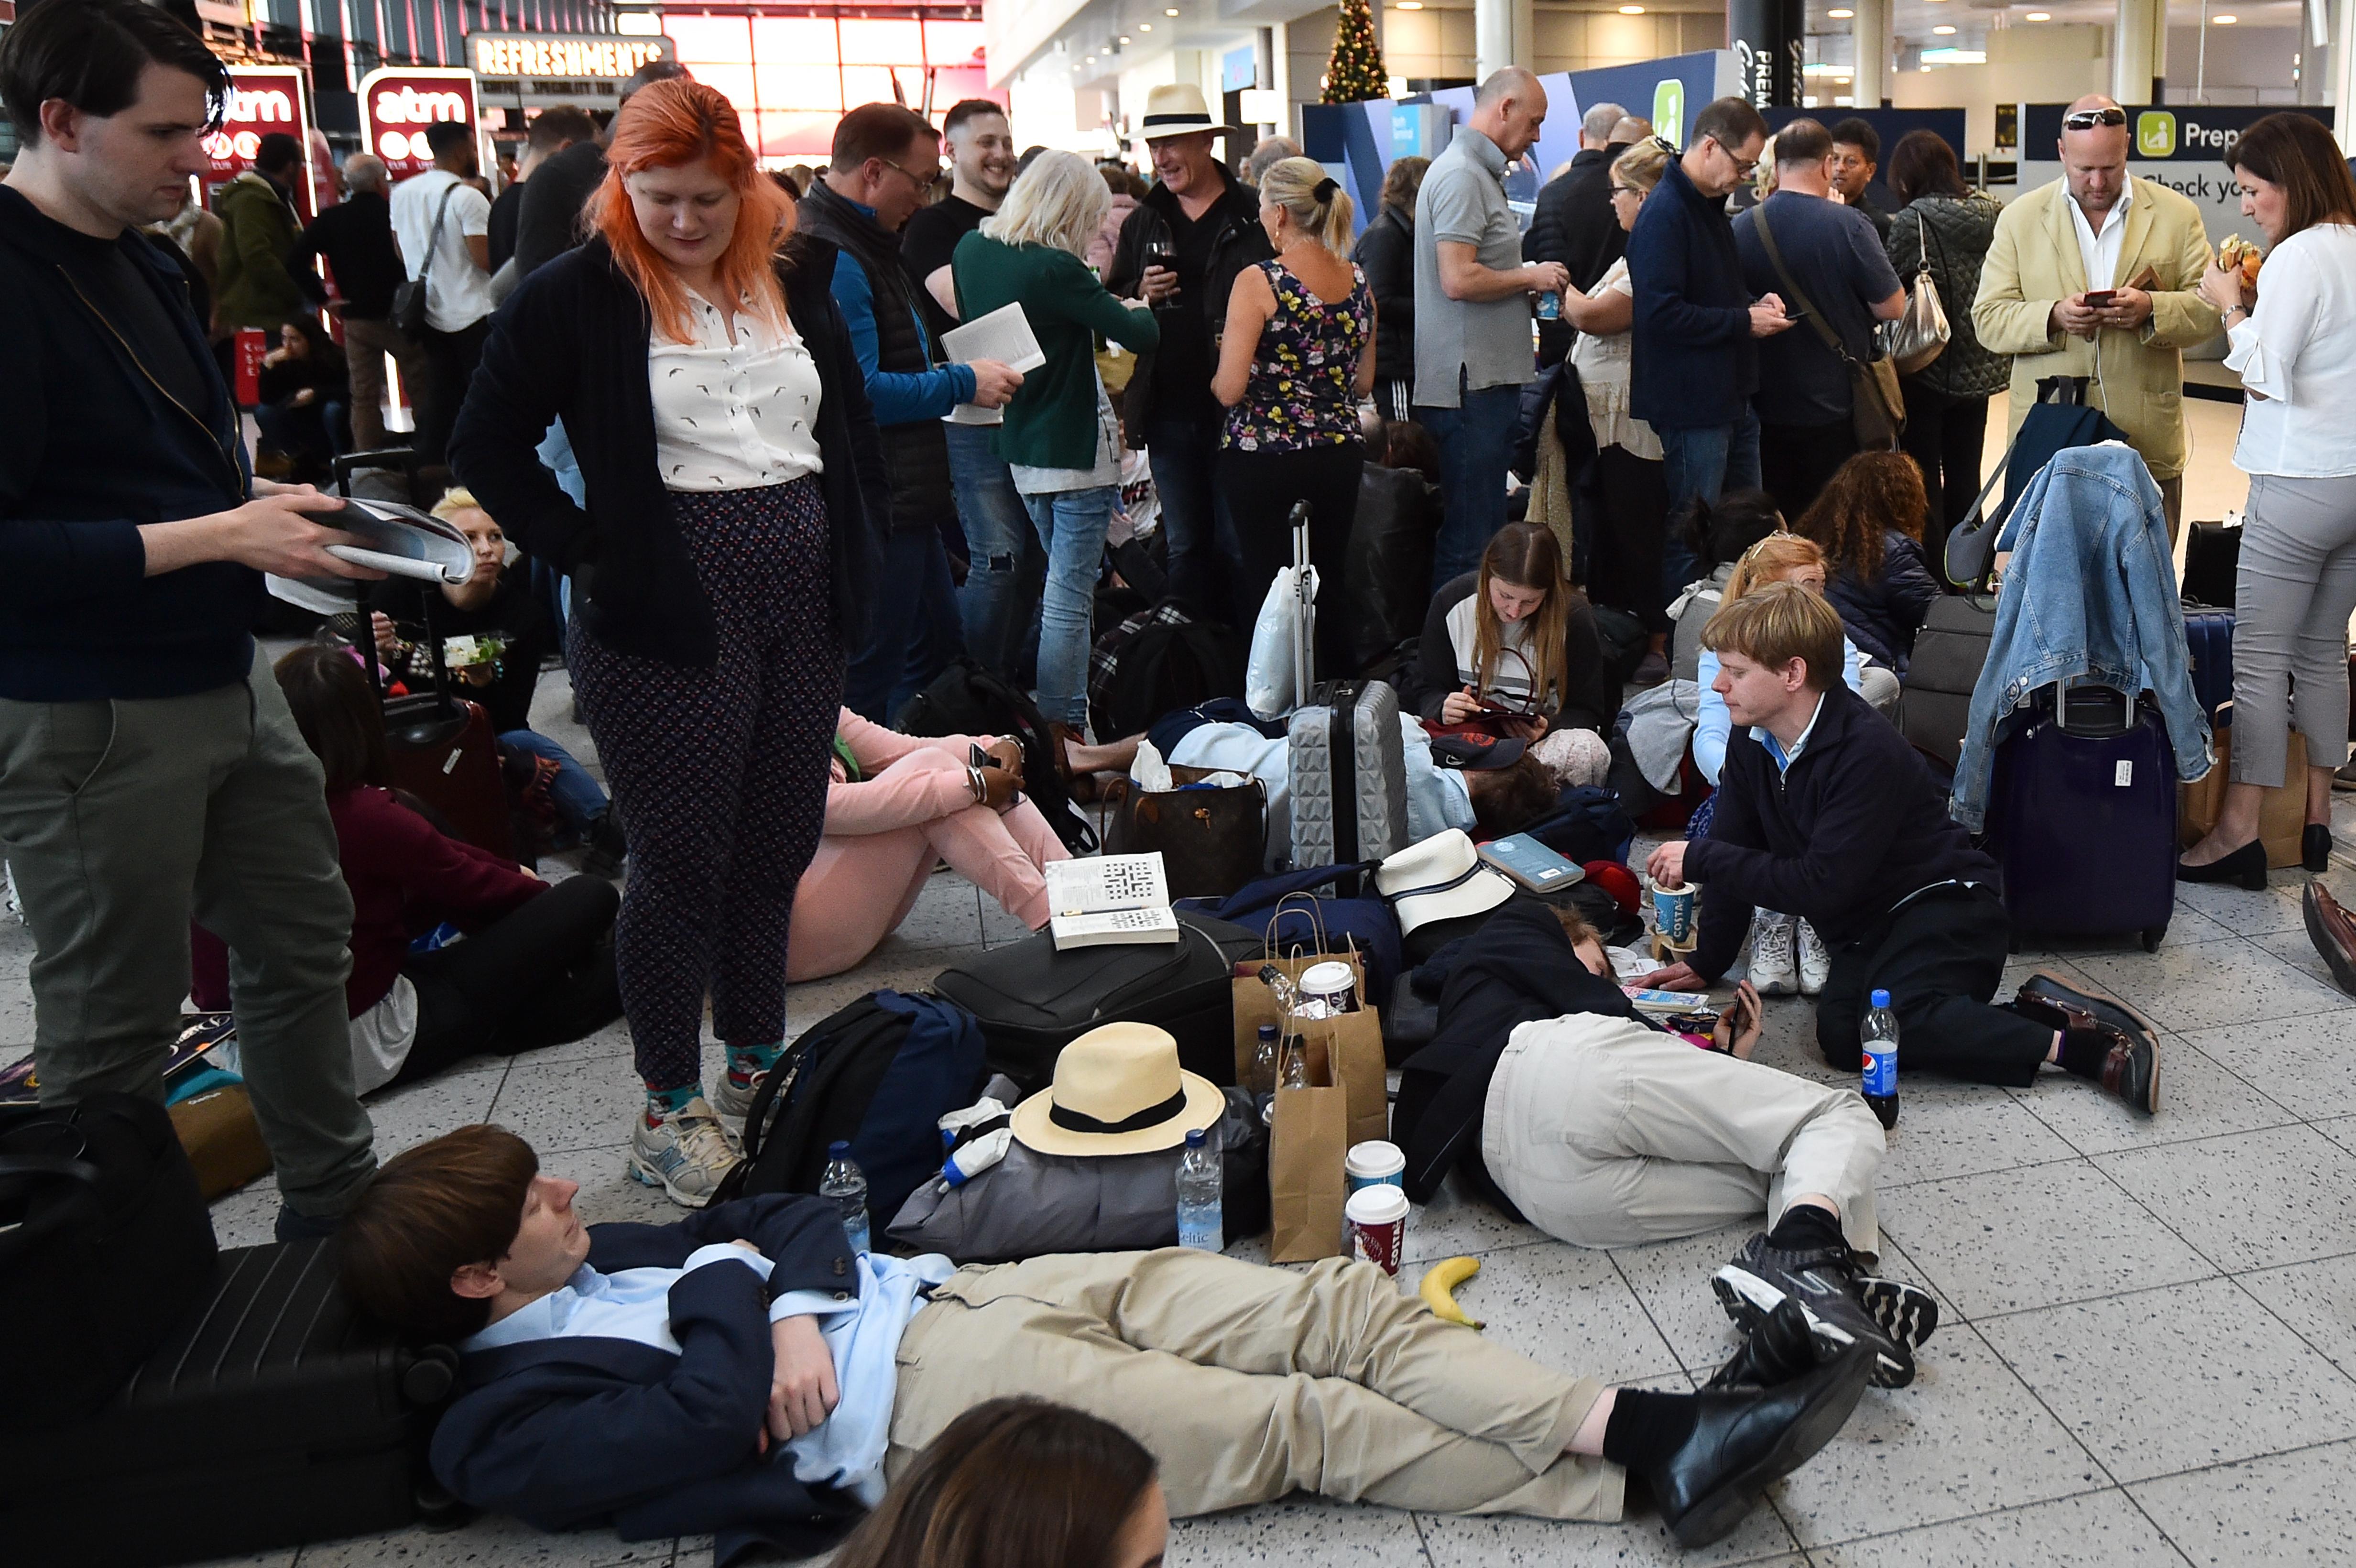 Pasajeros esperando en el aeropuerto   Glyn Kirk   Agence France-Presse